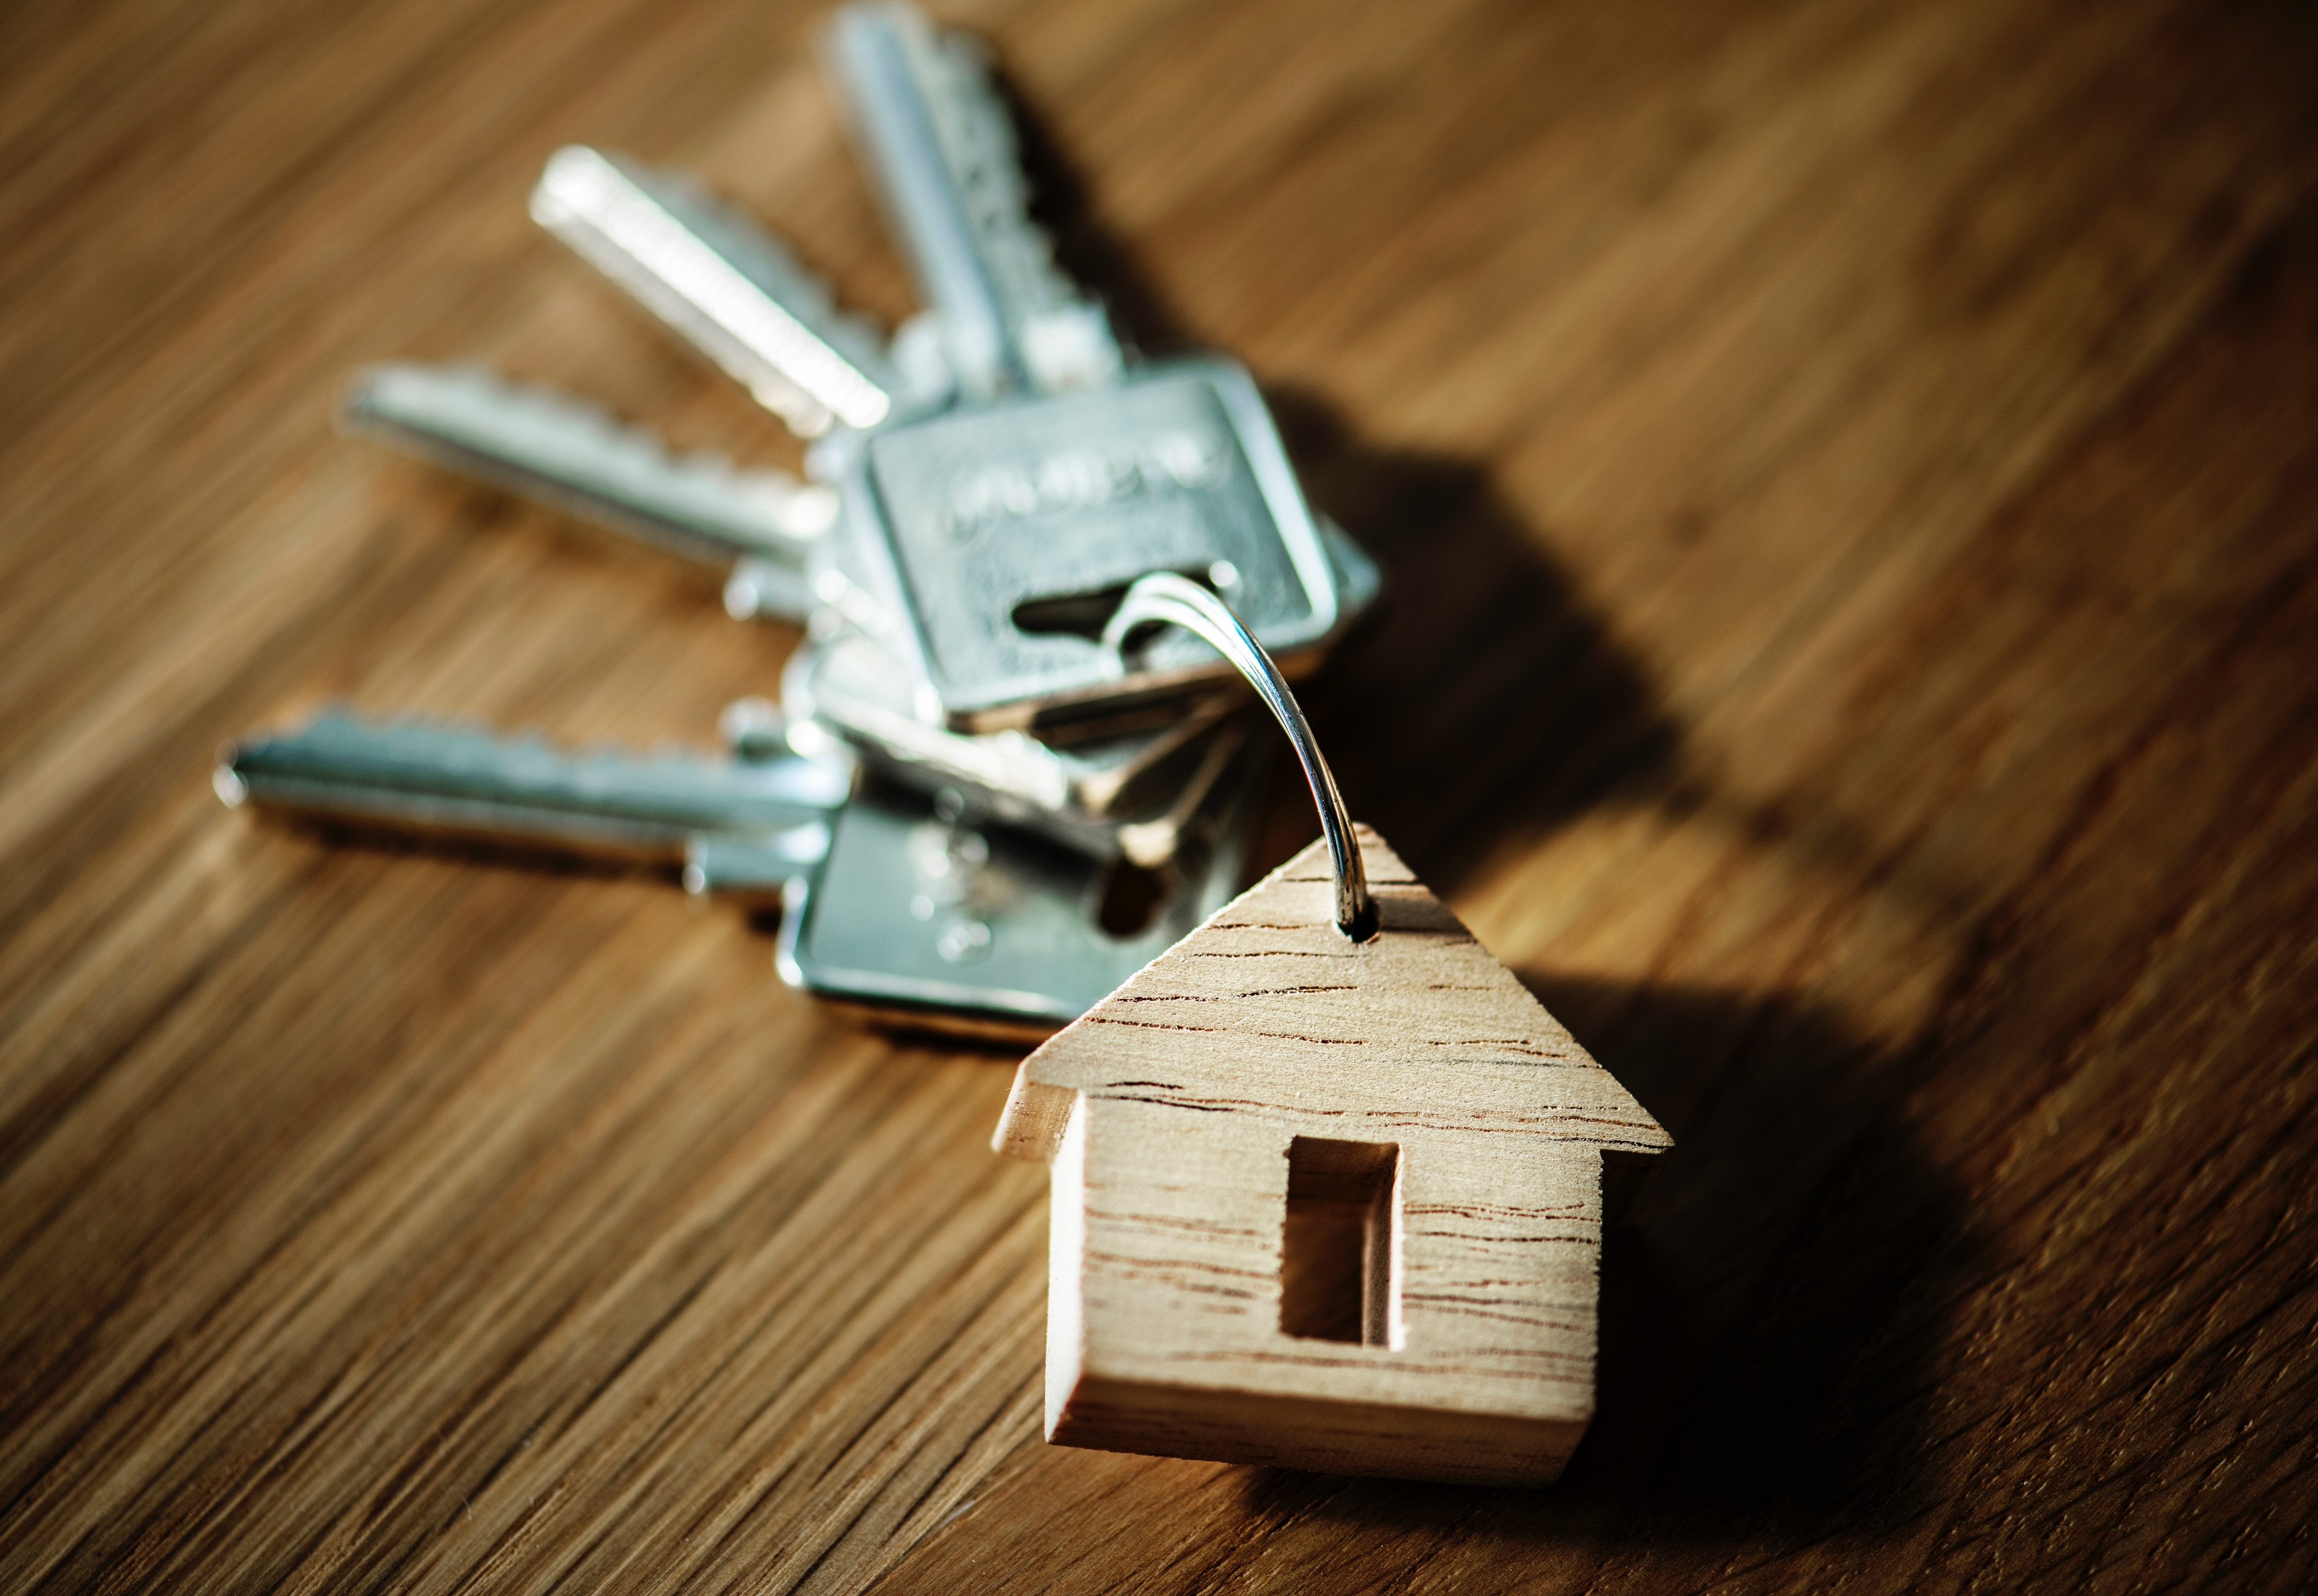 Vi har lansert vår nye nettside i dag! Velkommen til vårt nye hjem! Illustrasjonsfoto: Unsplash.com